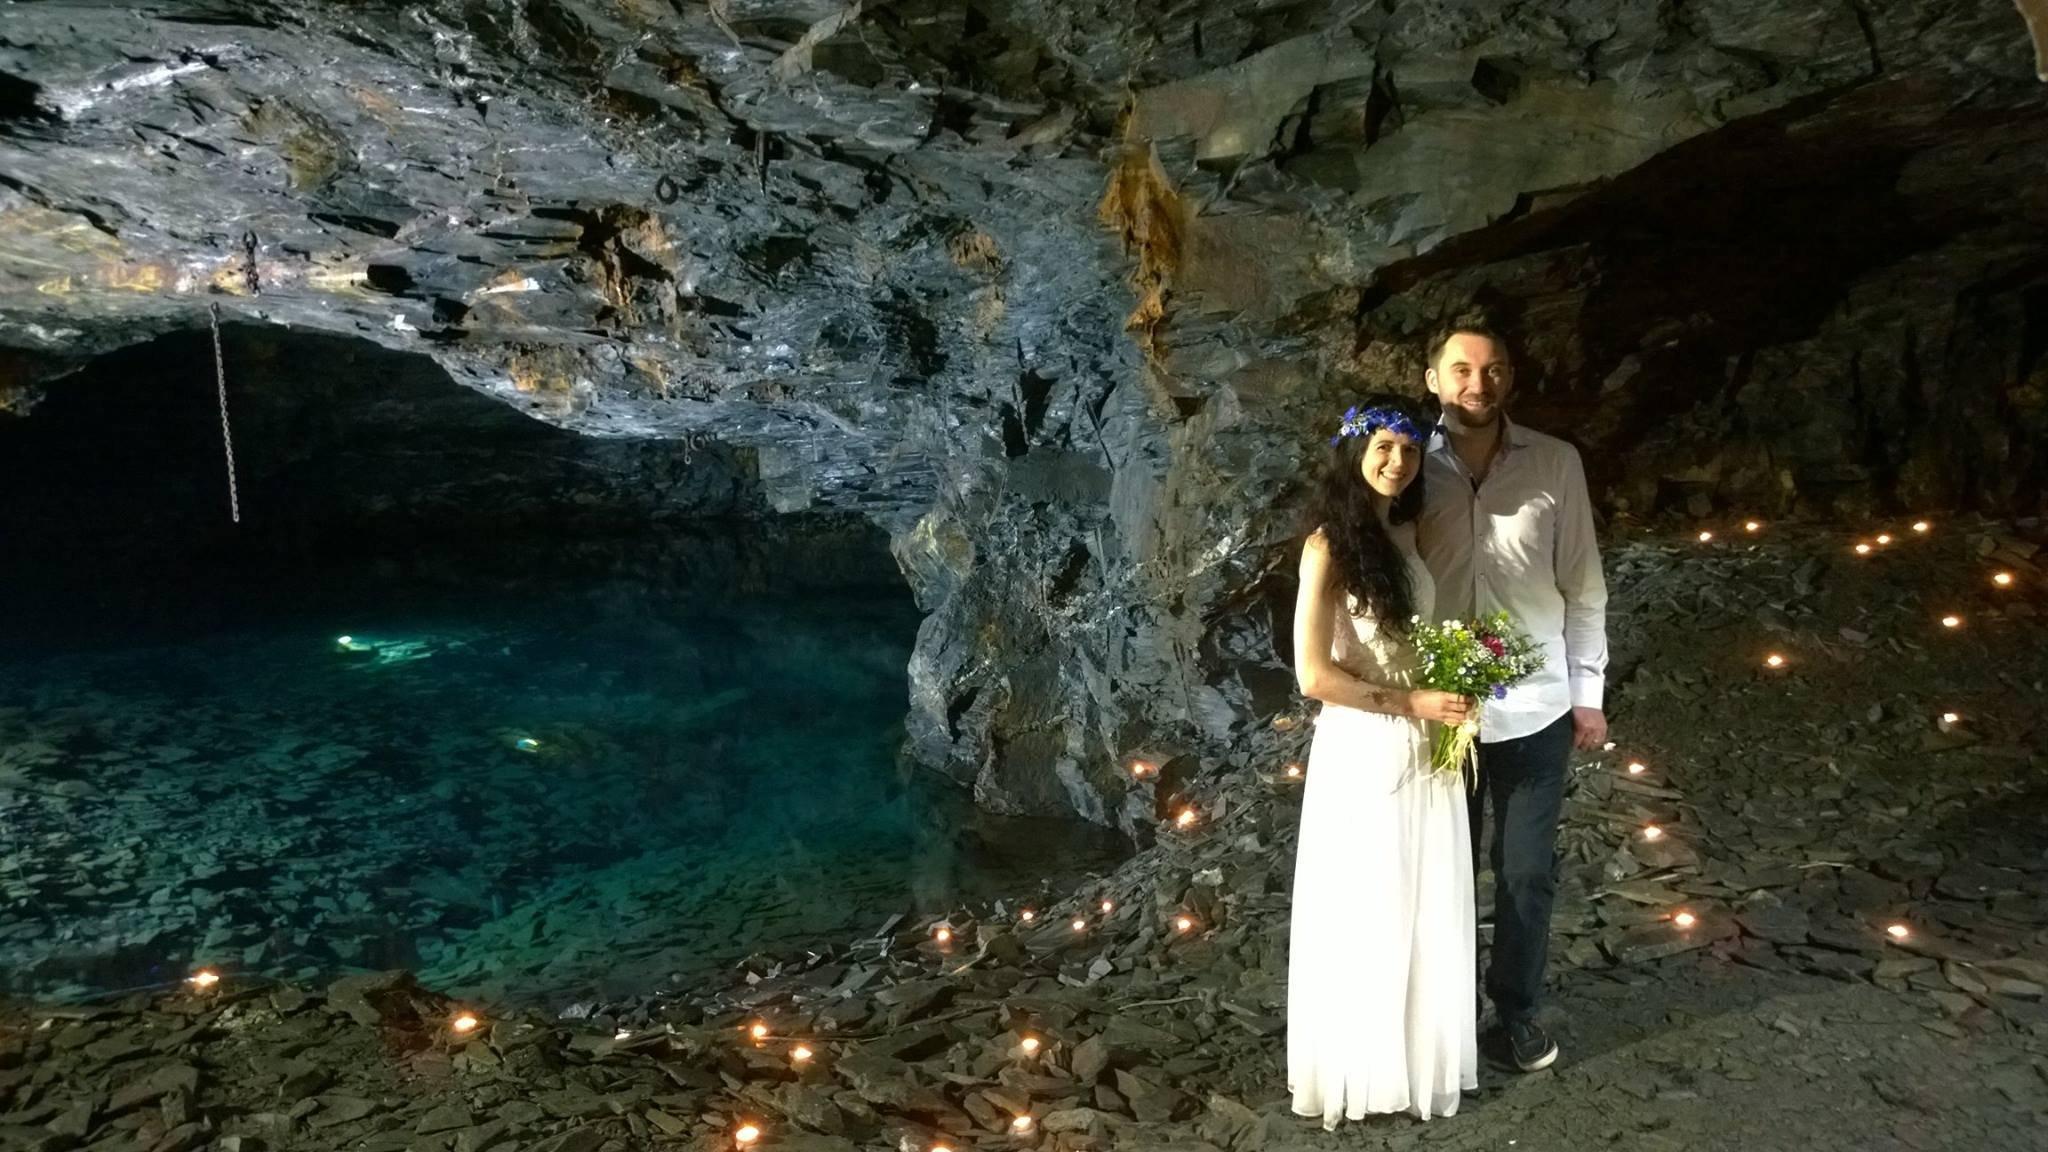 Подземная пещера в Корнуэлле, Англия Глубоко под мирными деревенскими пейзажами Корнуэлла находится